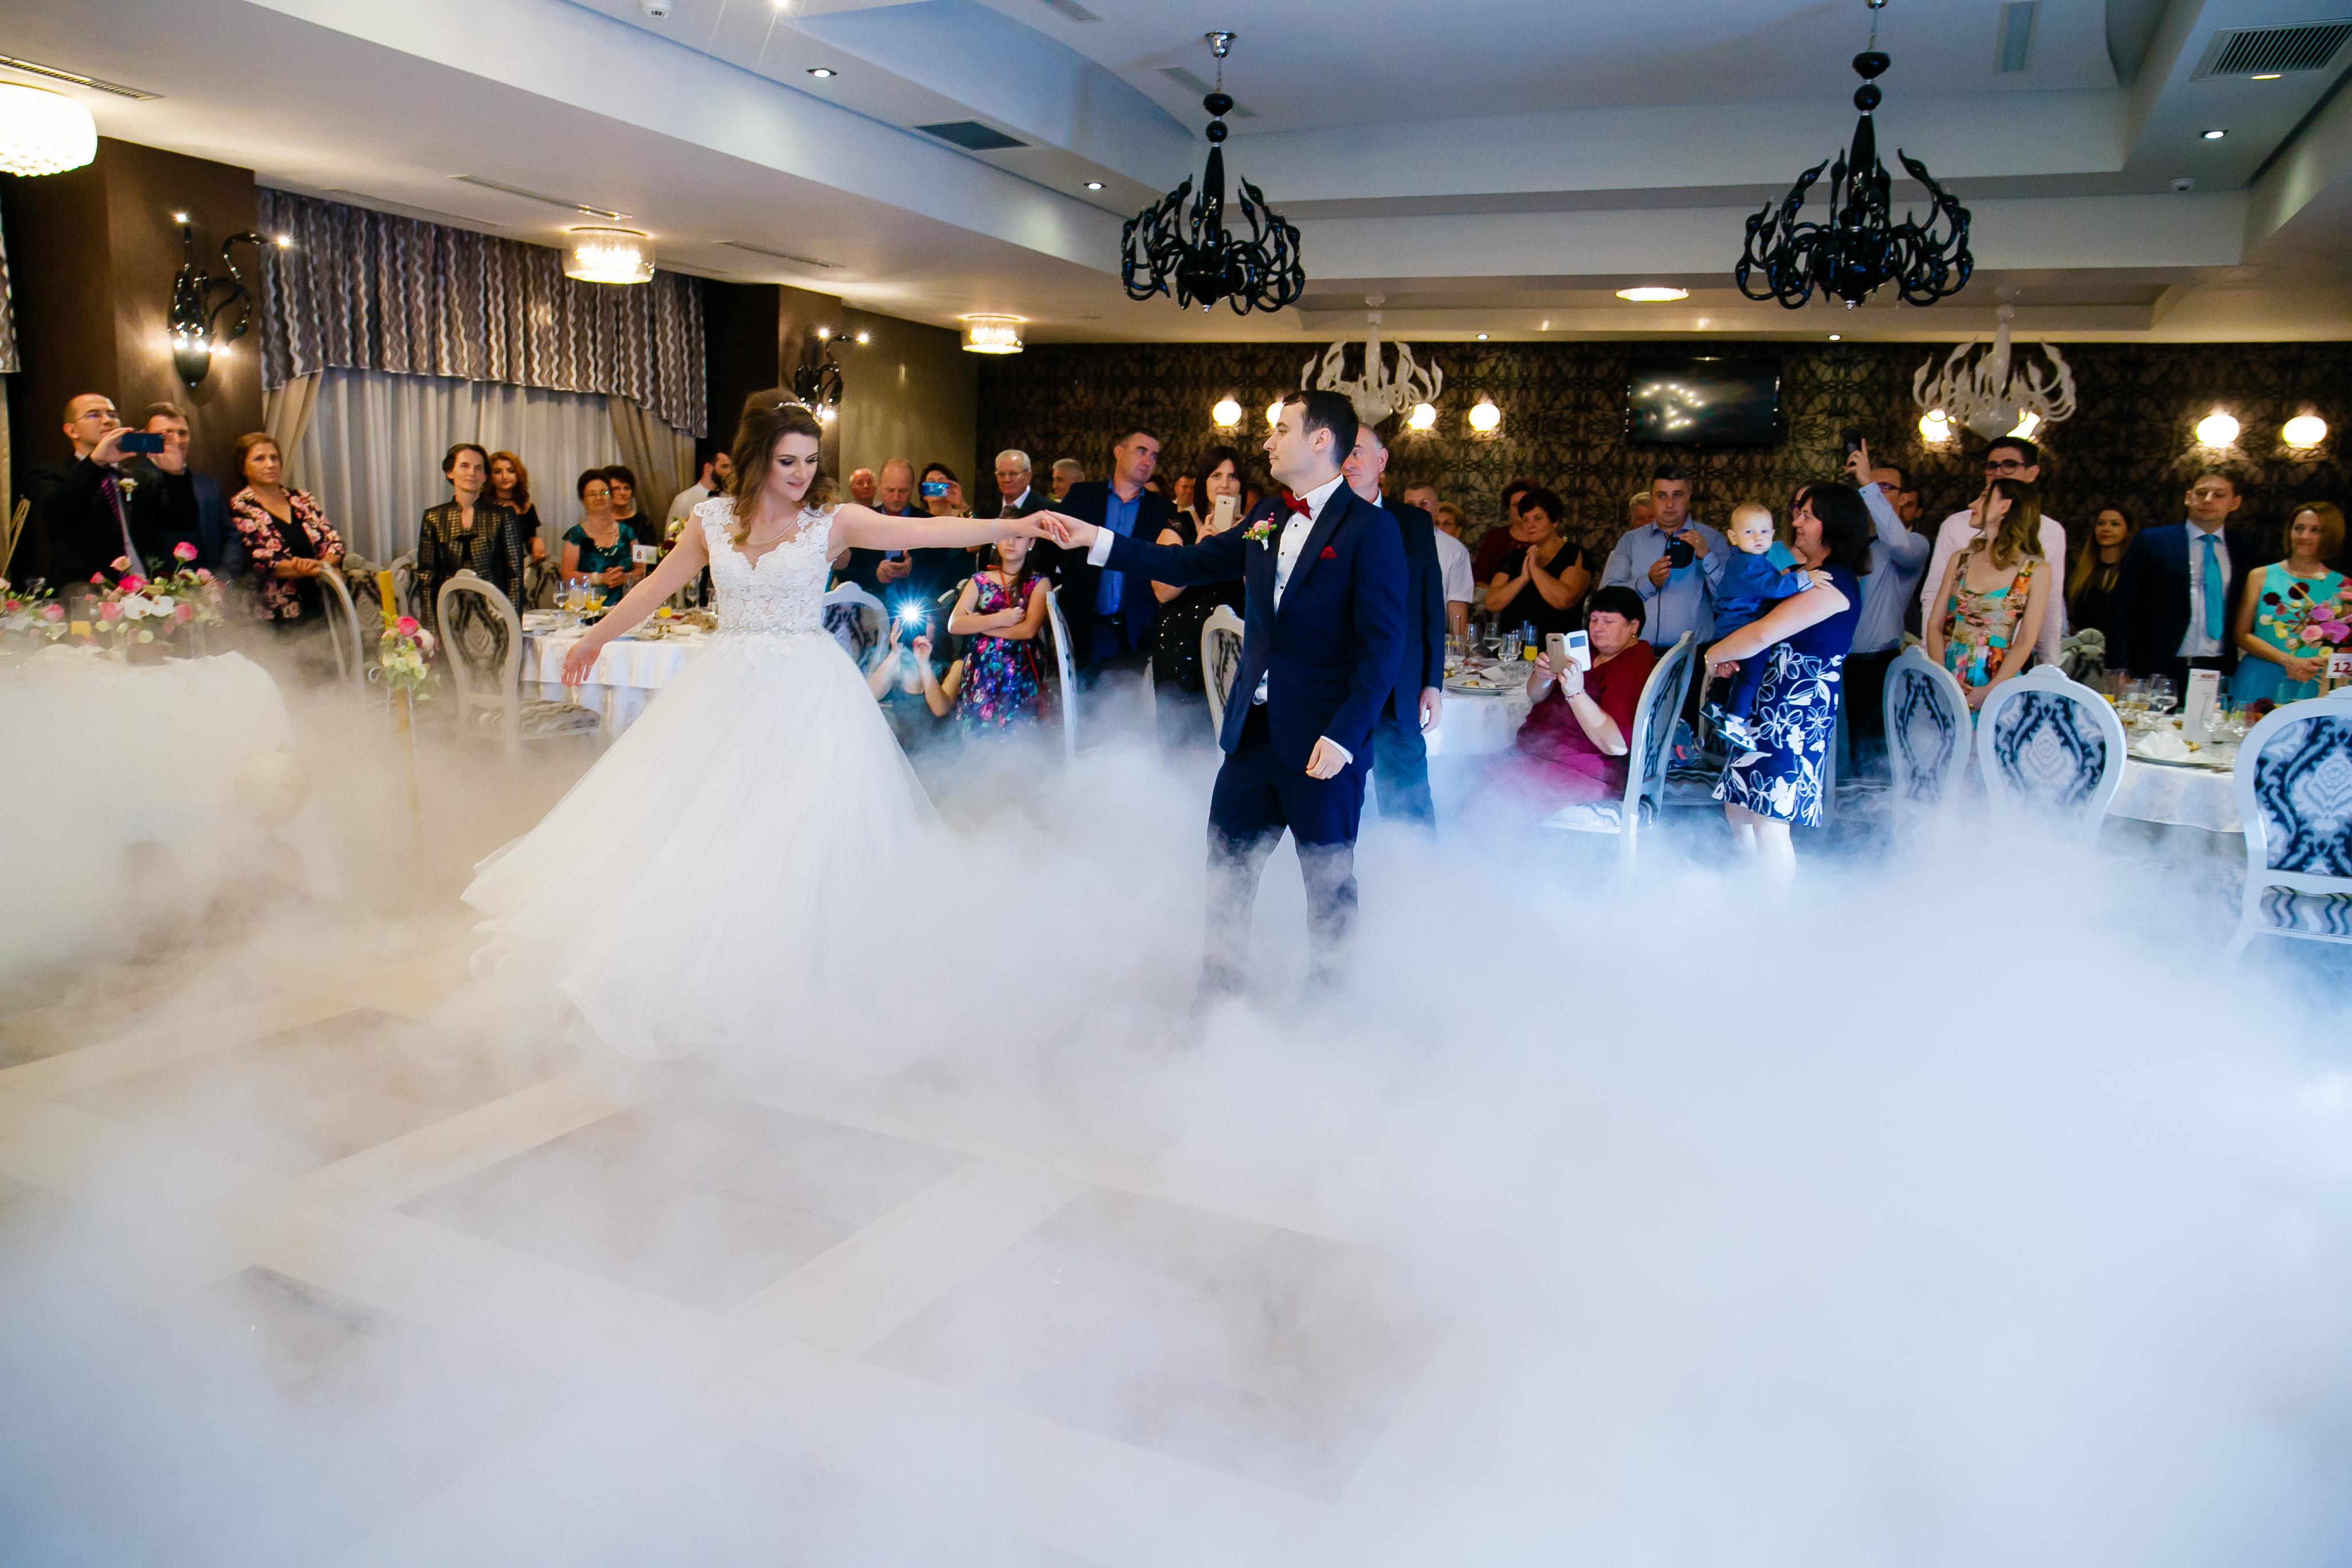 Nunta la Pleiada Iasi Alexandra si Vlad dansul mirilor fum greu www.paulpadurariu.ro © 2017 Paul Padurariu fotograf de nunta iasi